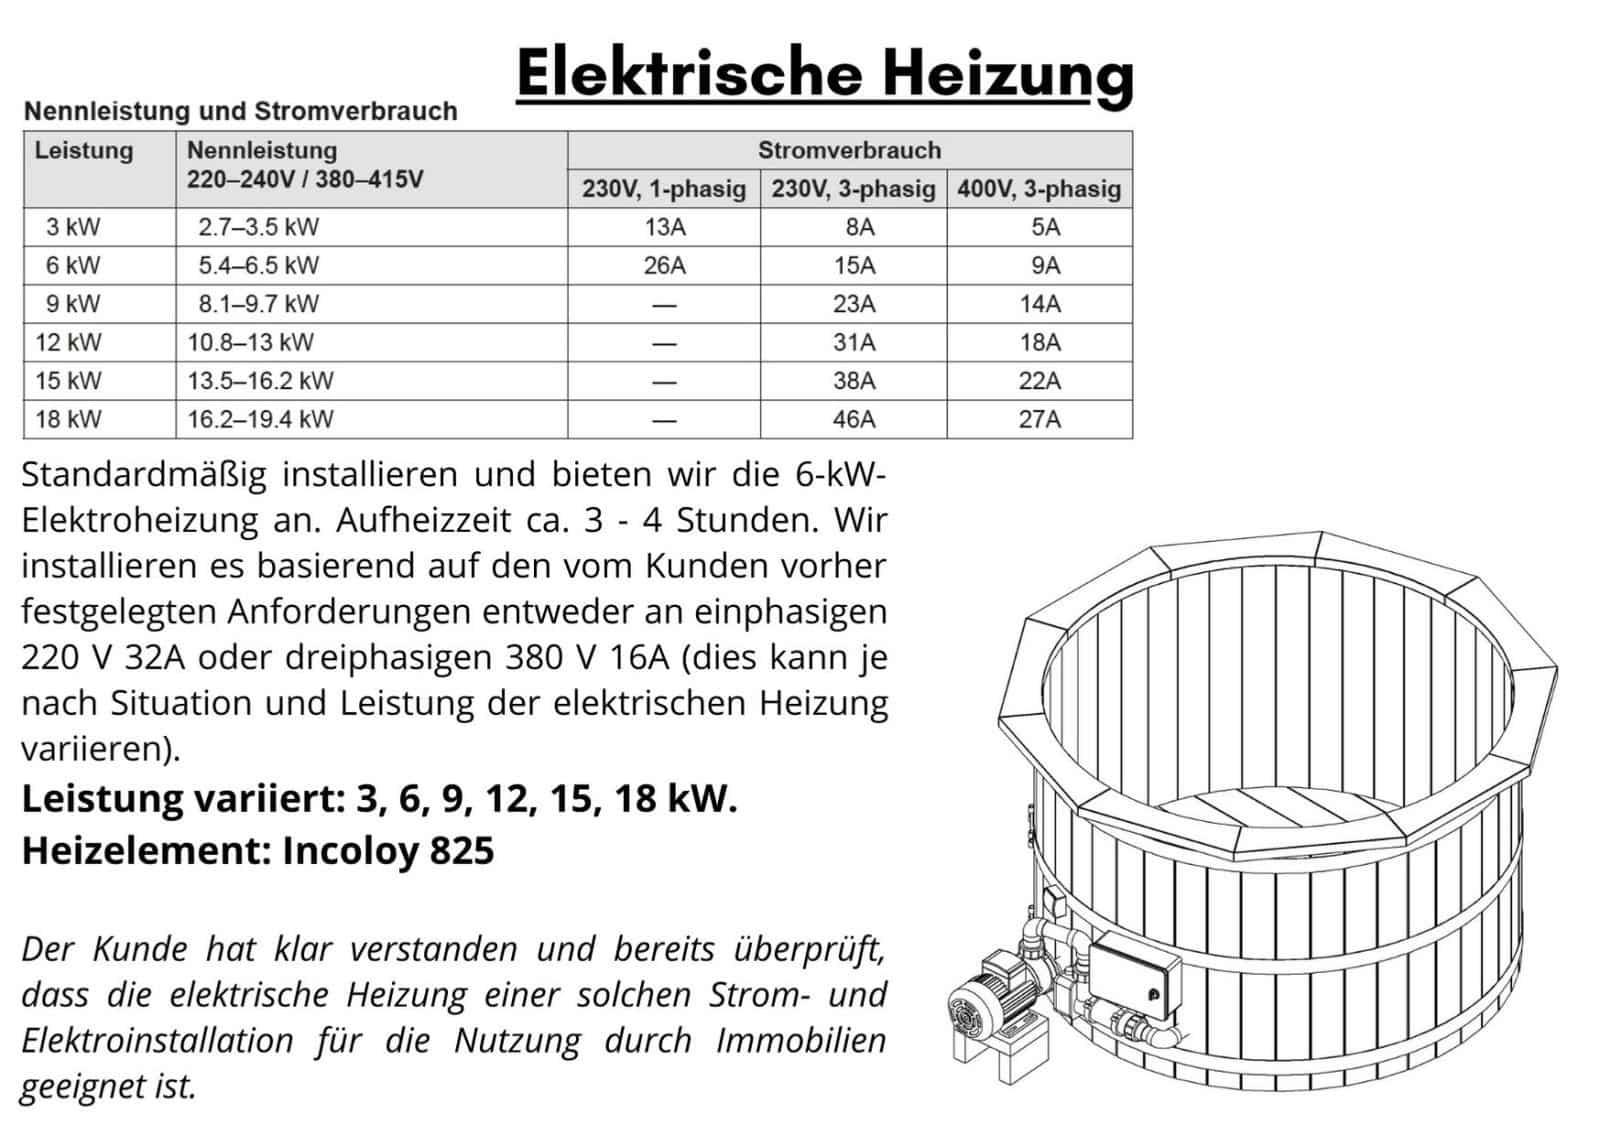 Badezuber Badefass Fichte Bausatz Elektroofen